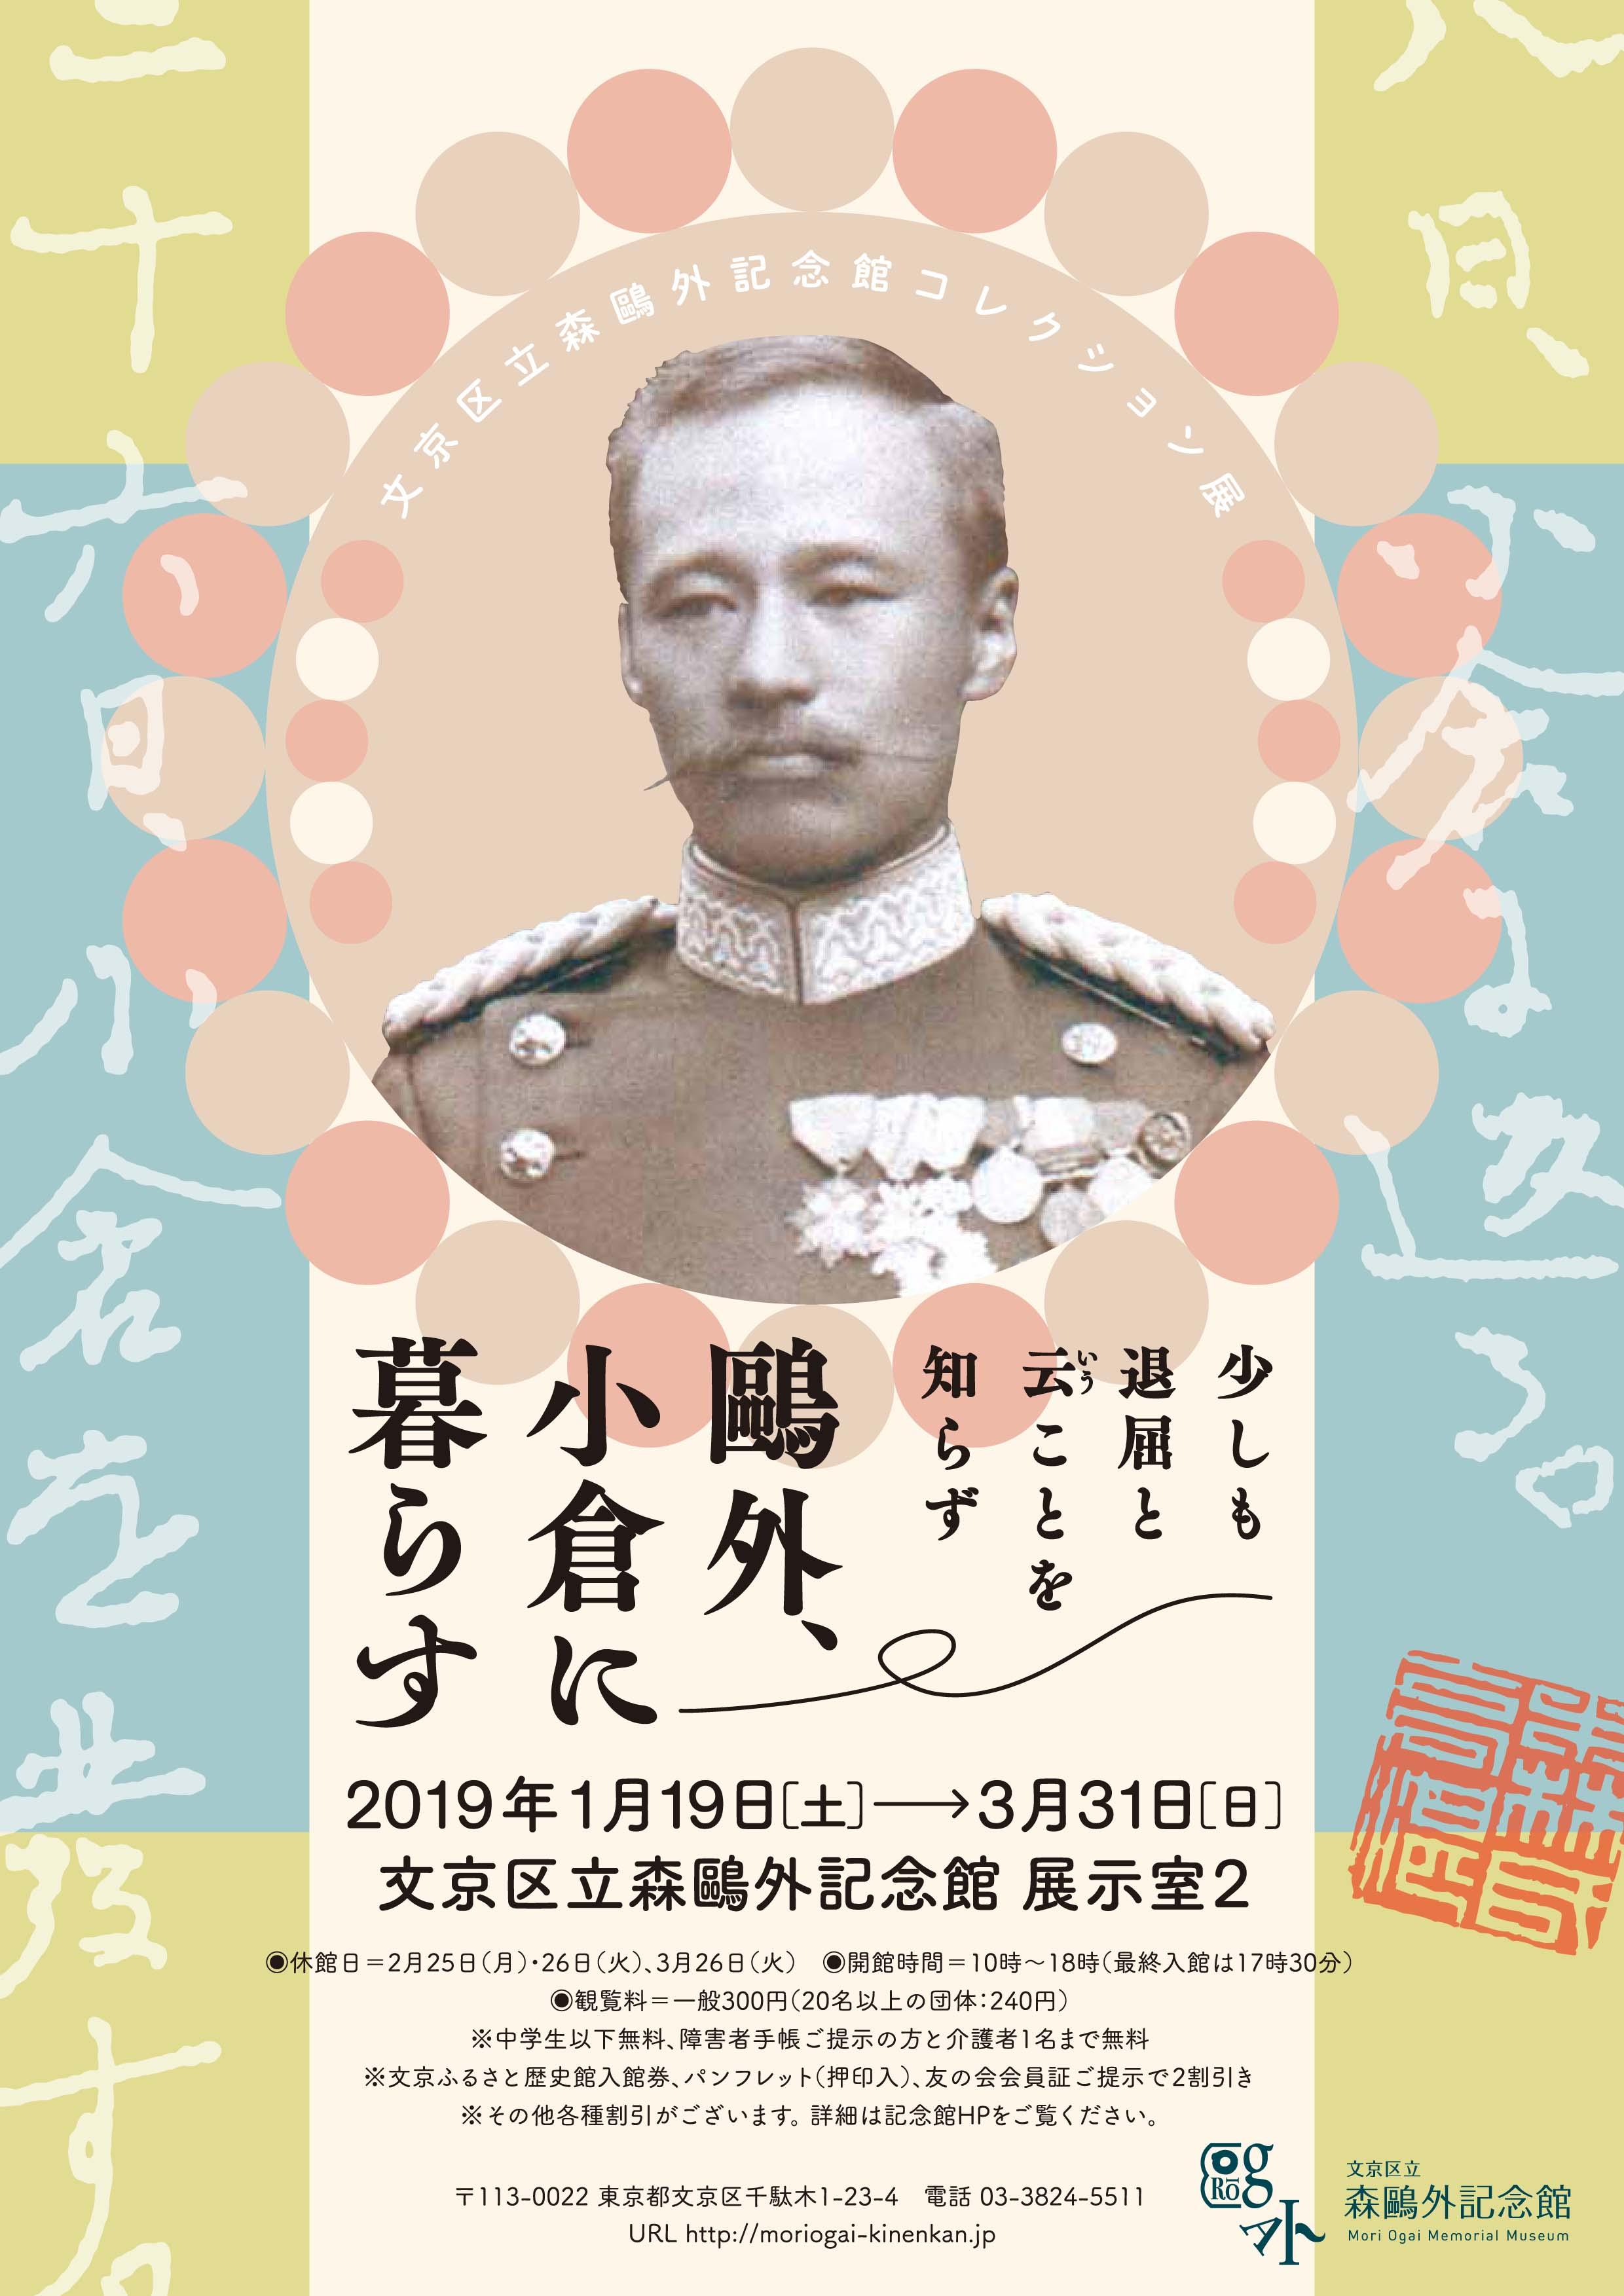 ChirasiKokuraOmote